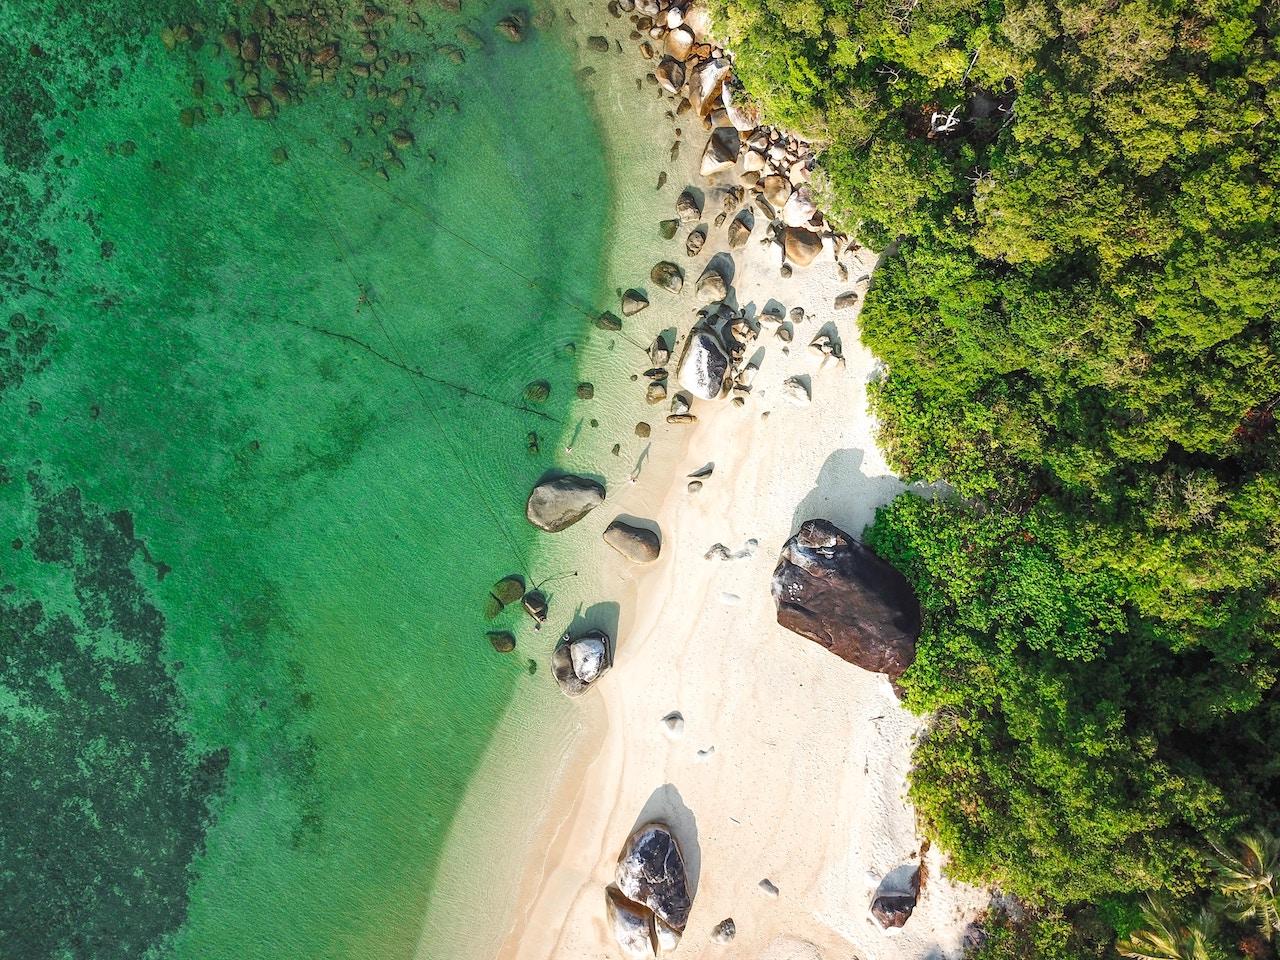 Koh Tarutao is one of the best quiet islands in Thailand